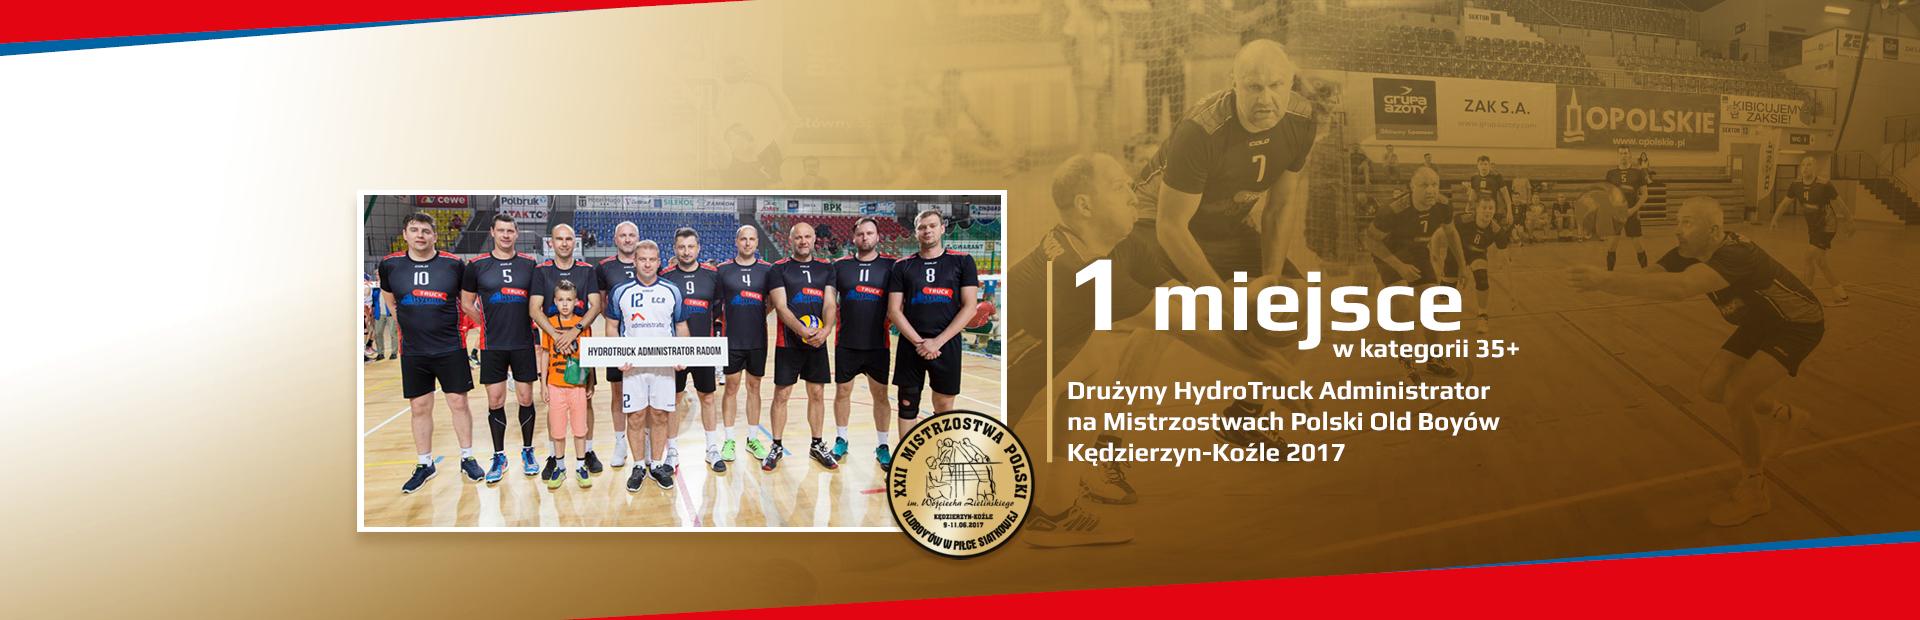 Mistrzostwa Polski Old Boyów 2017